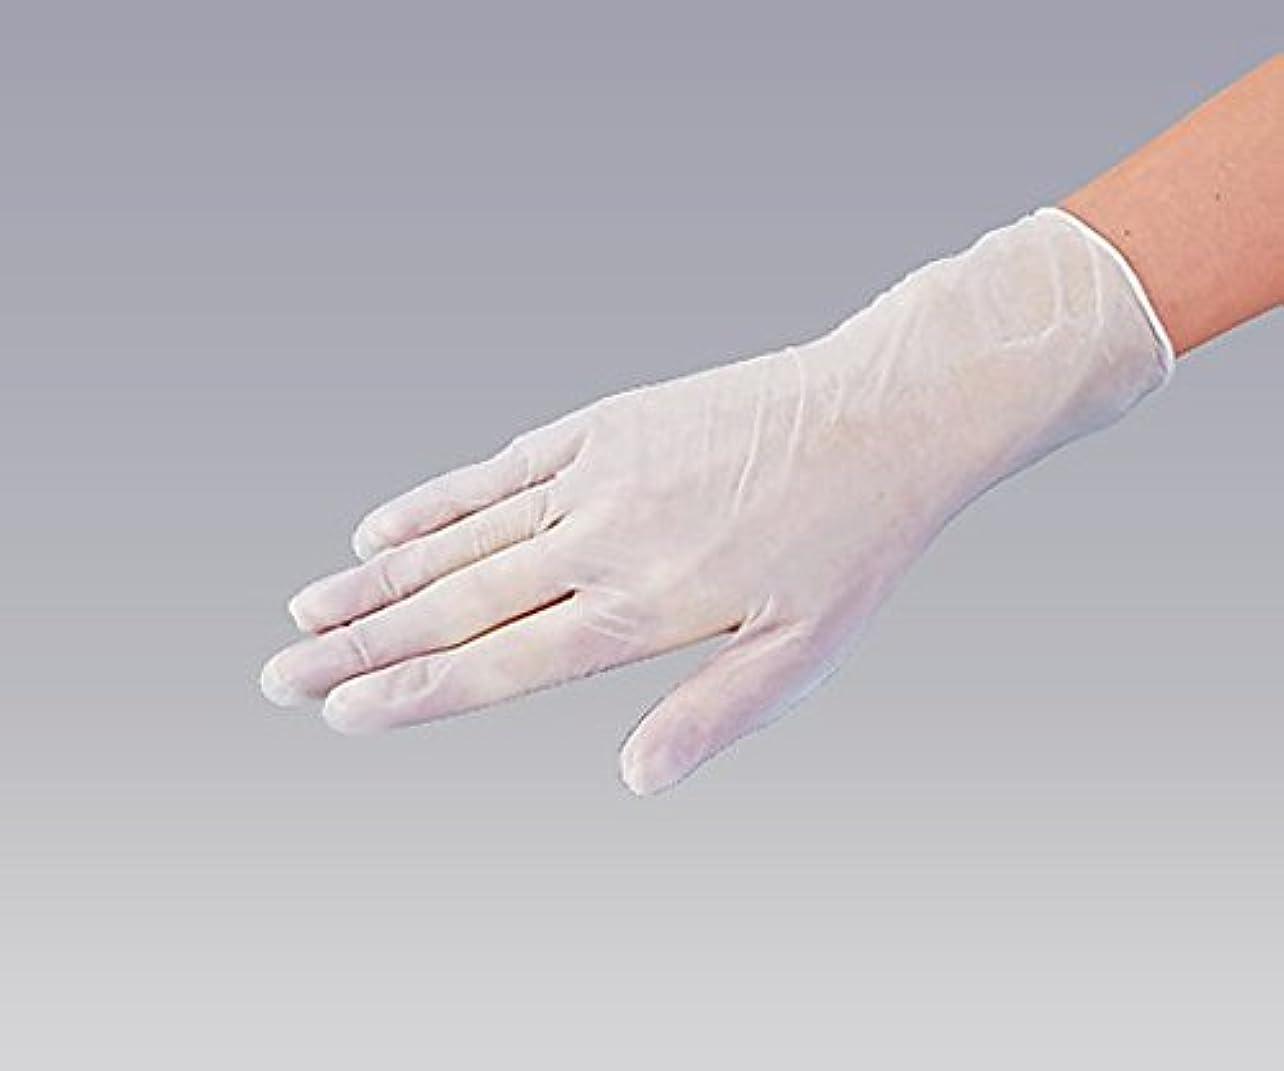 パドル私絶えずナビス(アズワン)0-9868-03プラスチック手袋パウダー無S100入